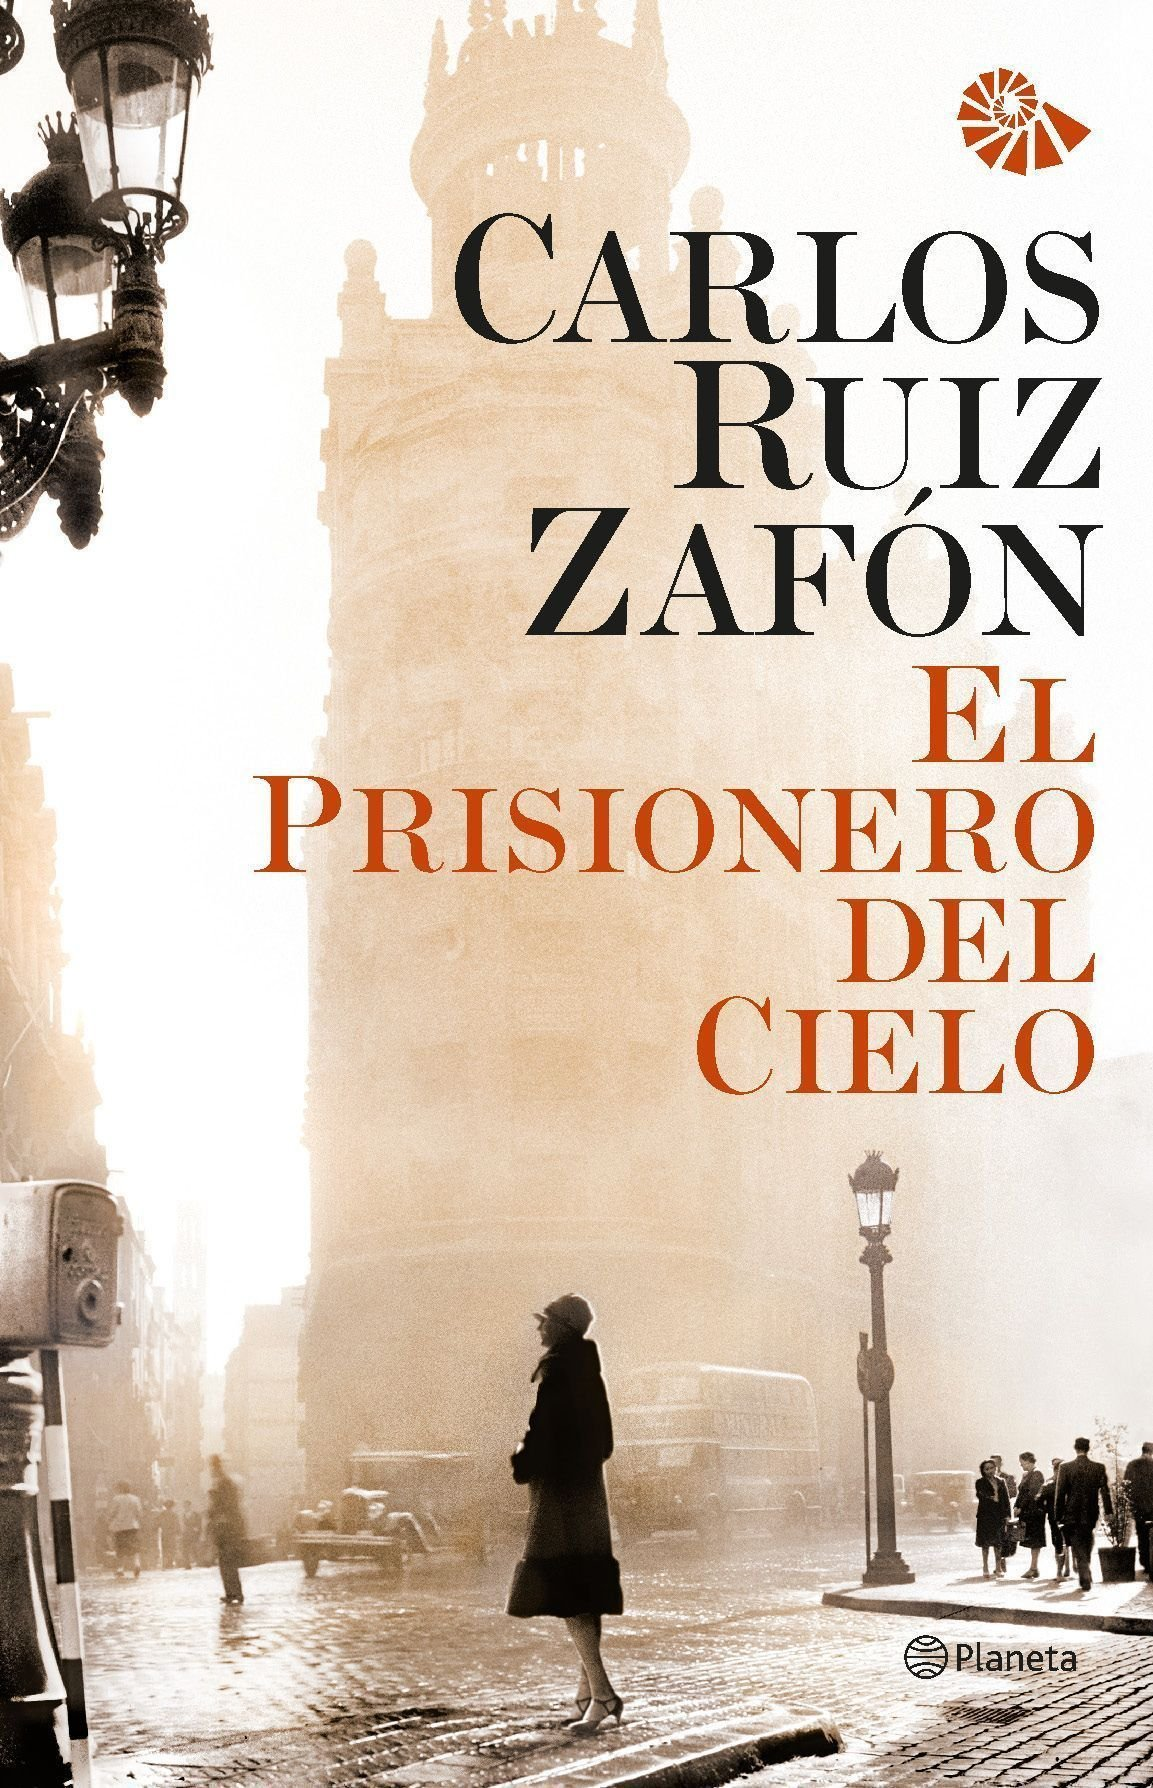 El prisionero del cielo: Amazon.co.uk: Carlos Ruiz Zafón: 9788408031215:  Books